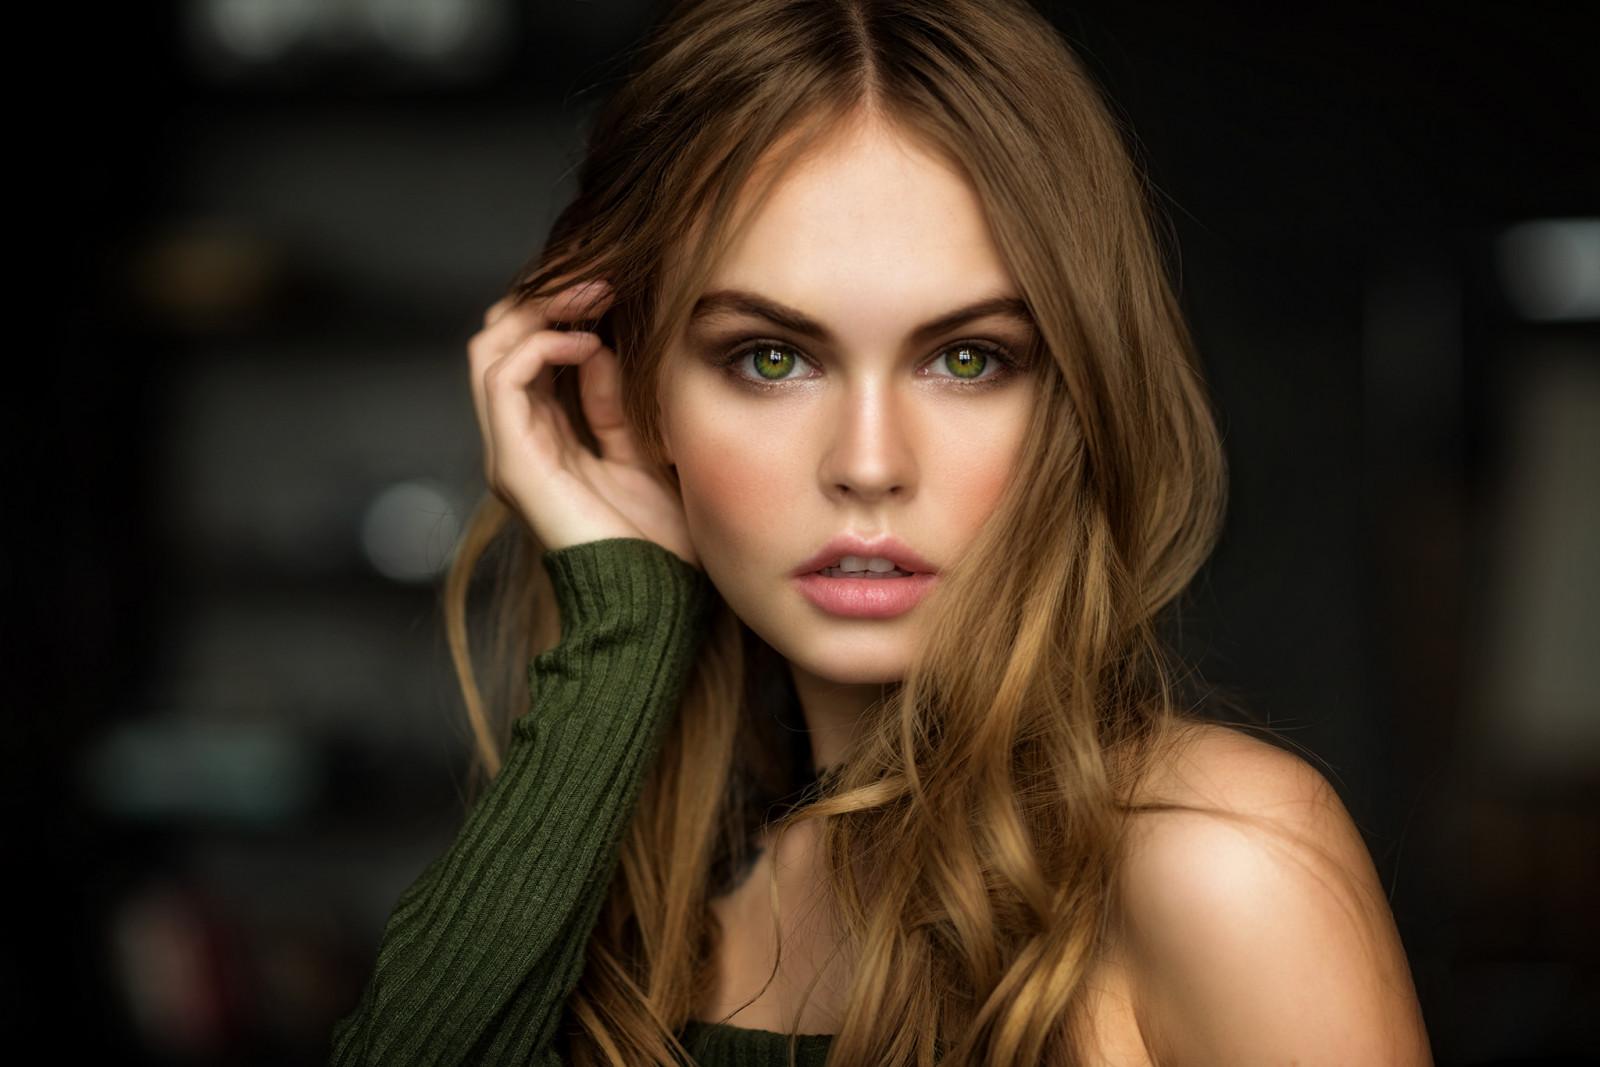 women, Anastasia Scheglova, green eyes, blonde, model, face, portrait